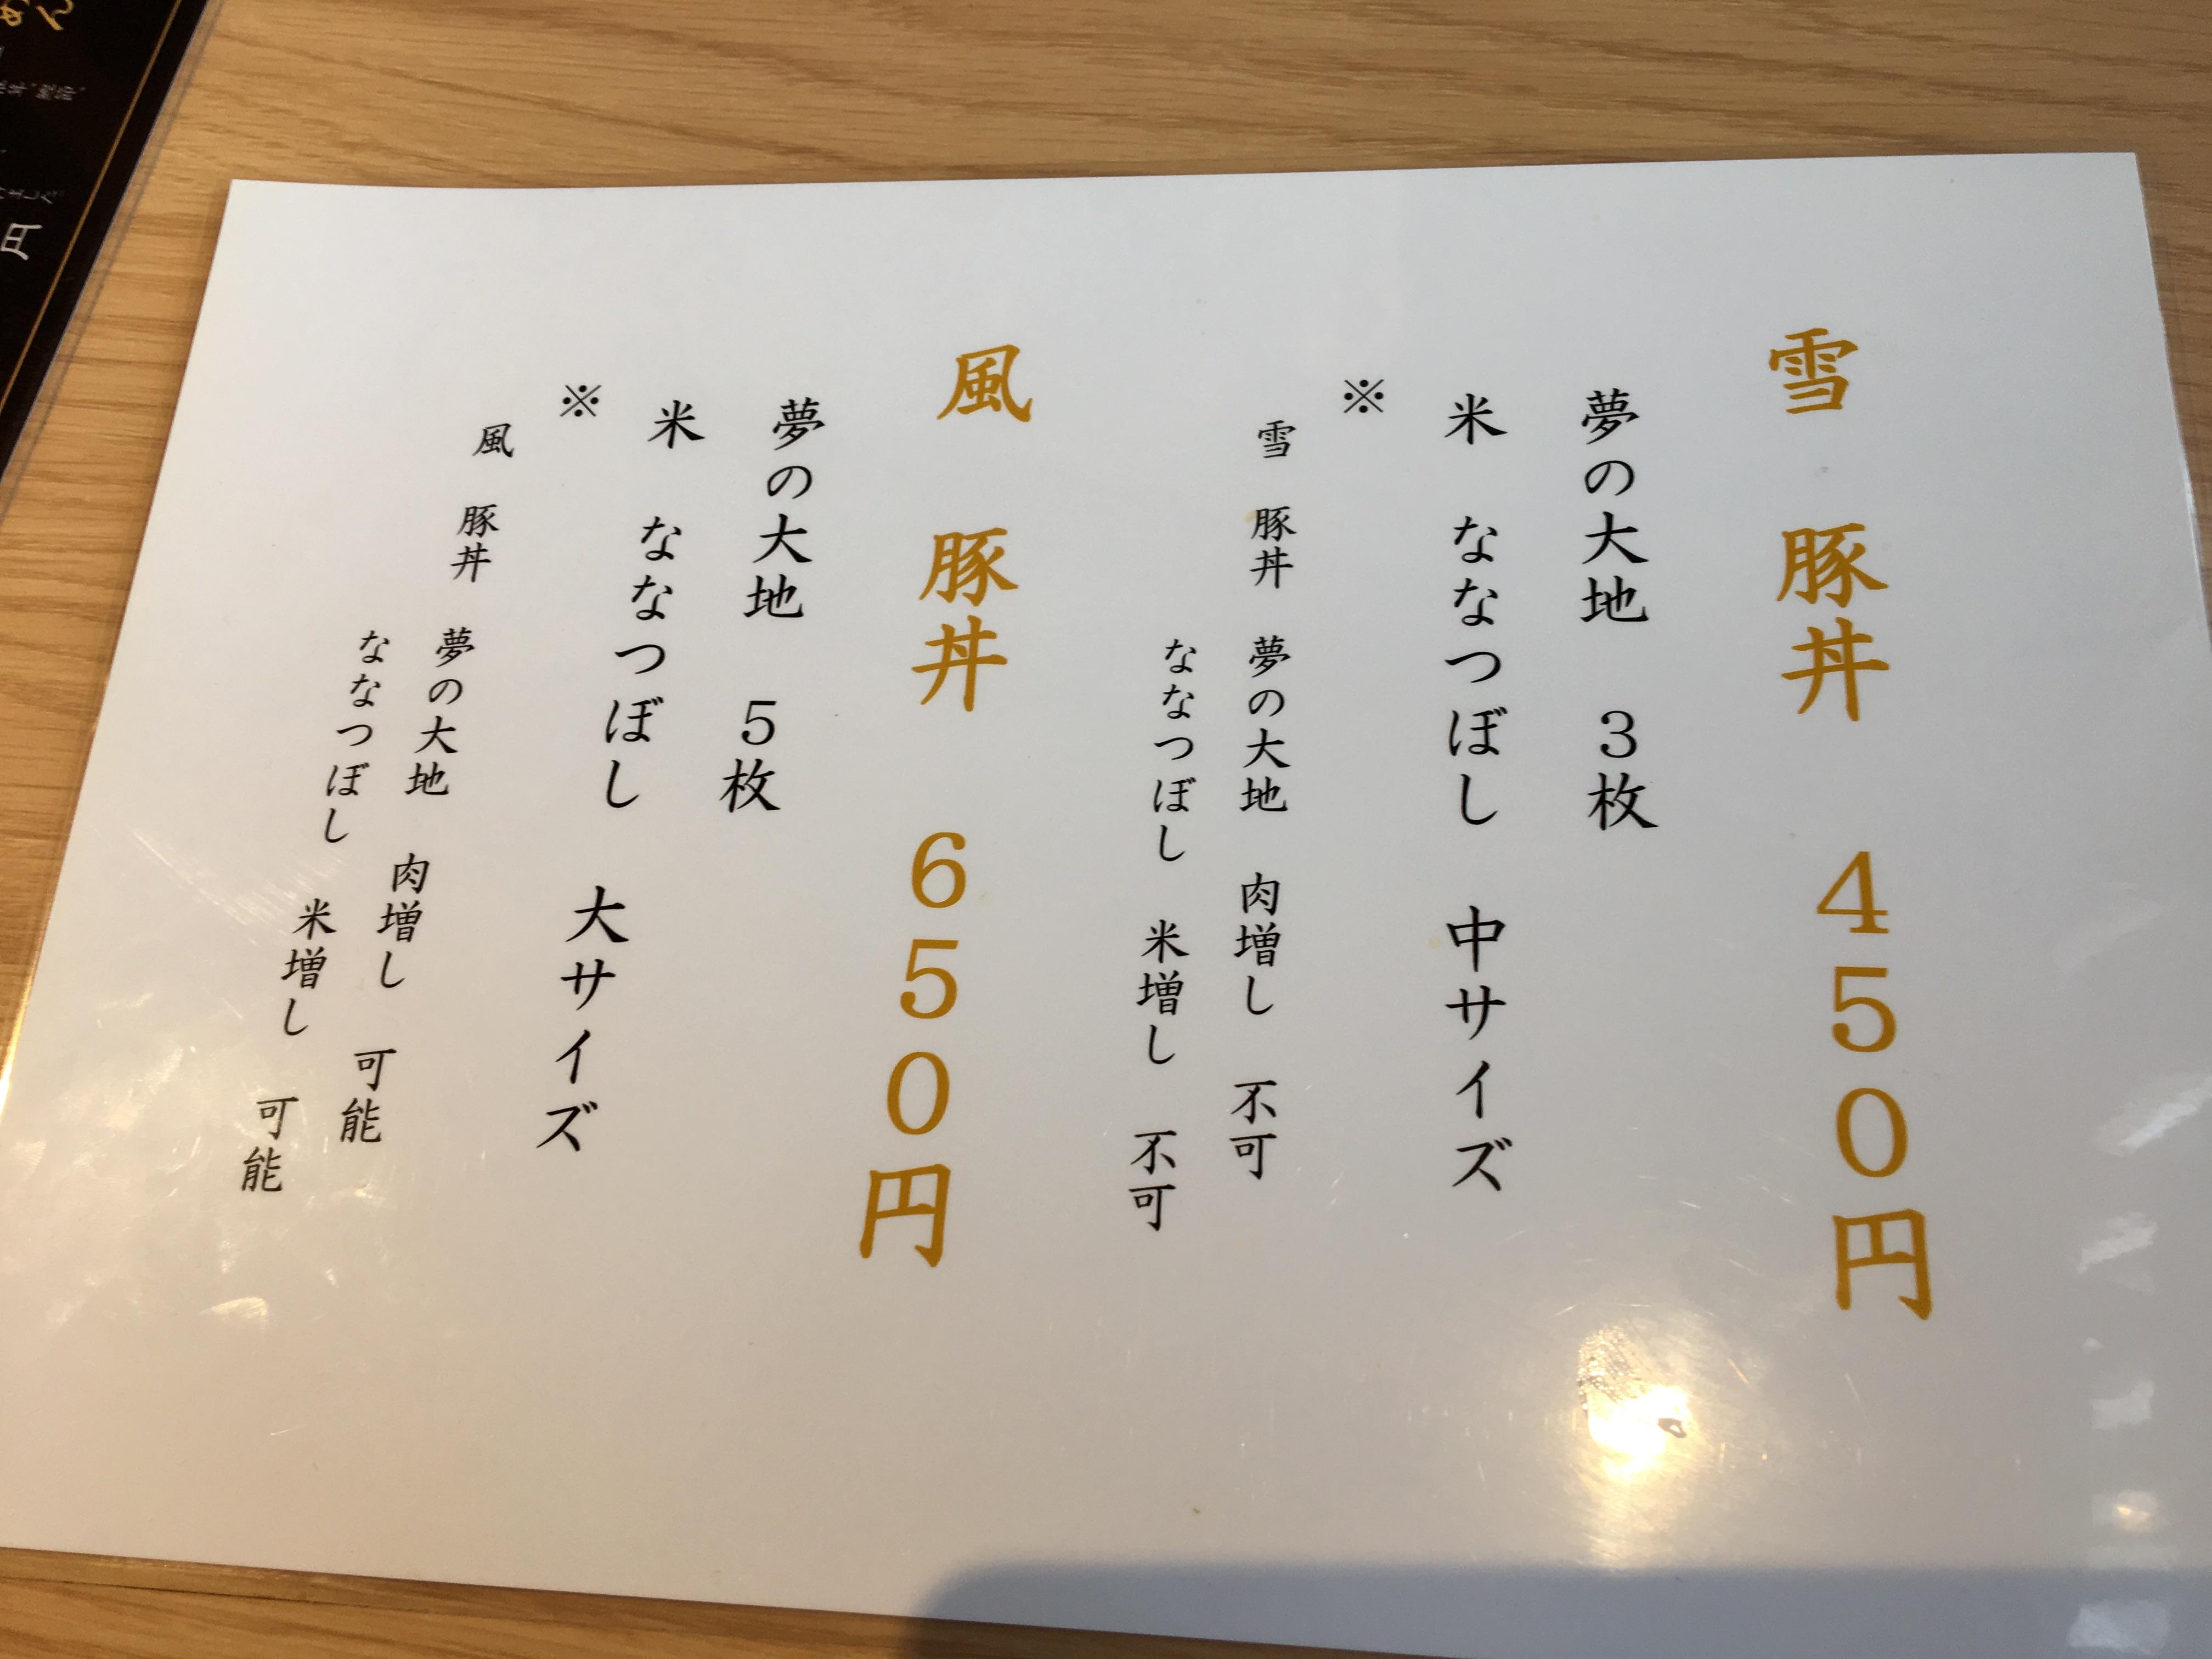 麺屋 雪風(めんや ゆきかぜ) 清田店の豚丼メニュー